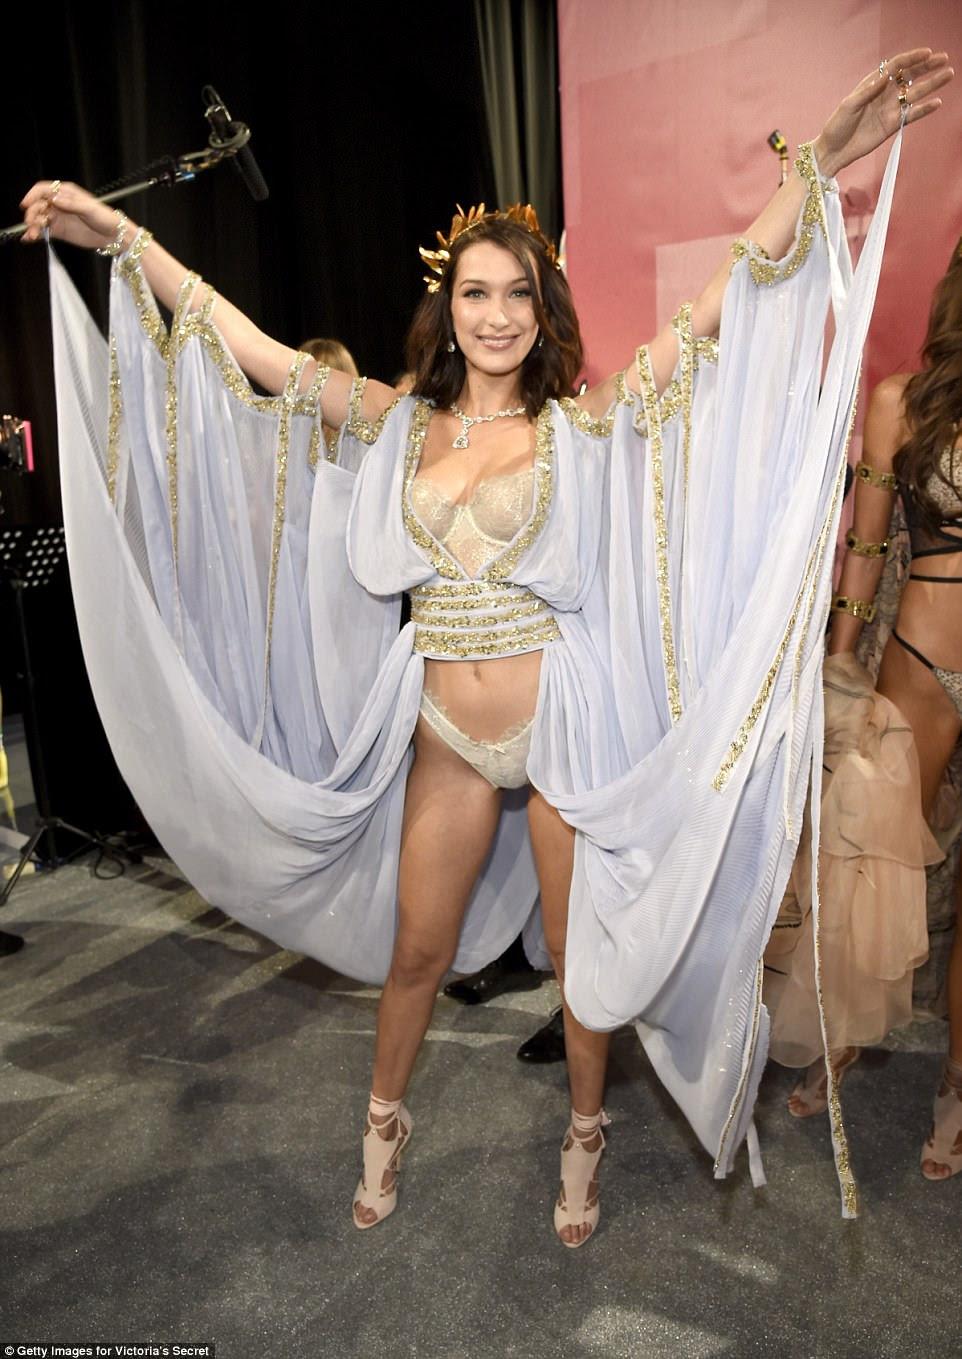 Beleza de bastidores: Bella parecia sensacional enquanto se preparava para levar para a pista e posava nos bastidores em sua lingerie